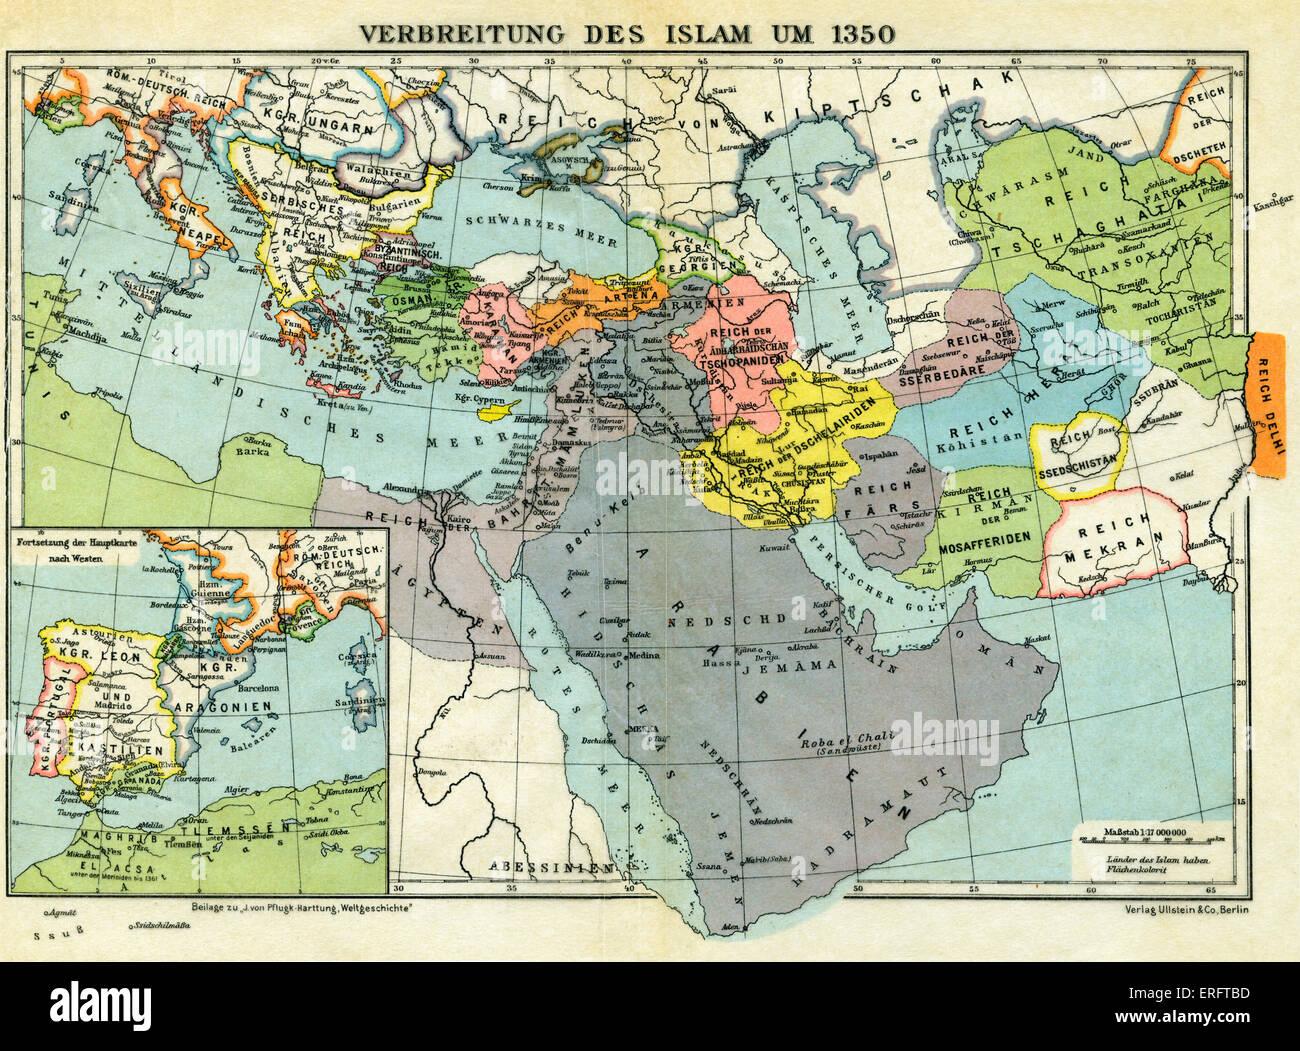 La diffusione dell'Islam, c. 1350 - Mappa. Il progresso in Europa di Islam portando la sua influenza sulla religione Immagini Stock